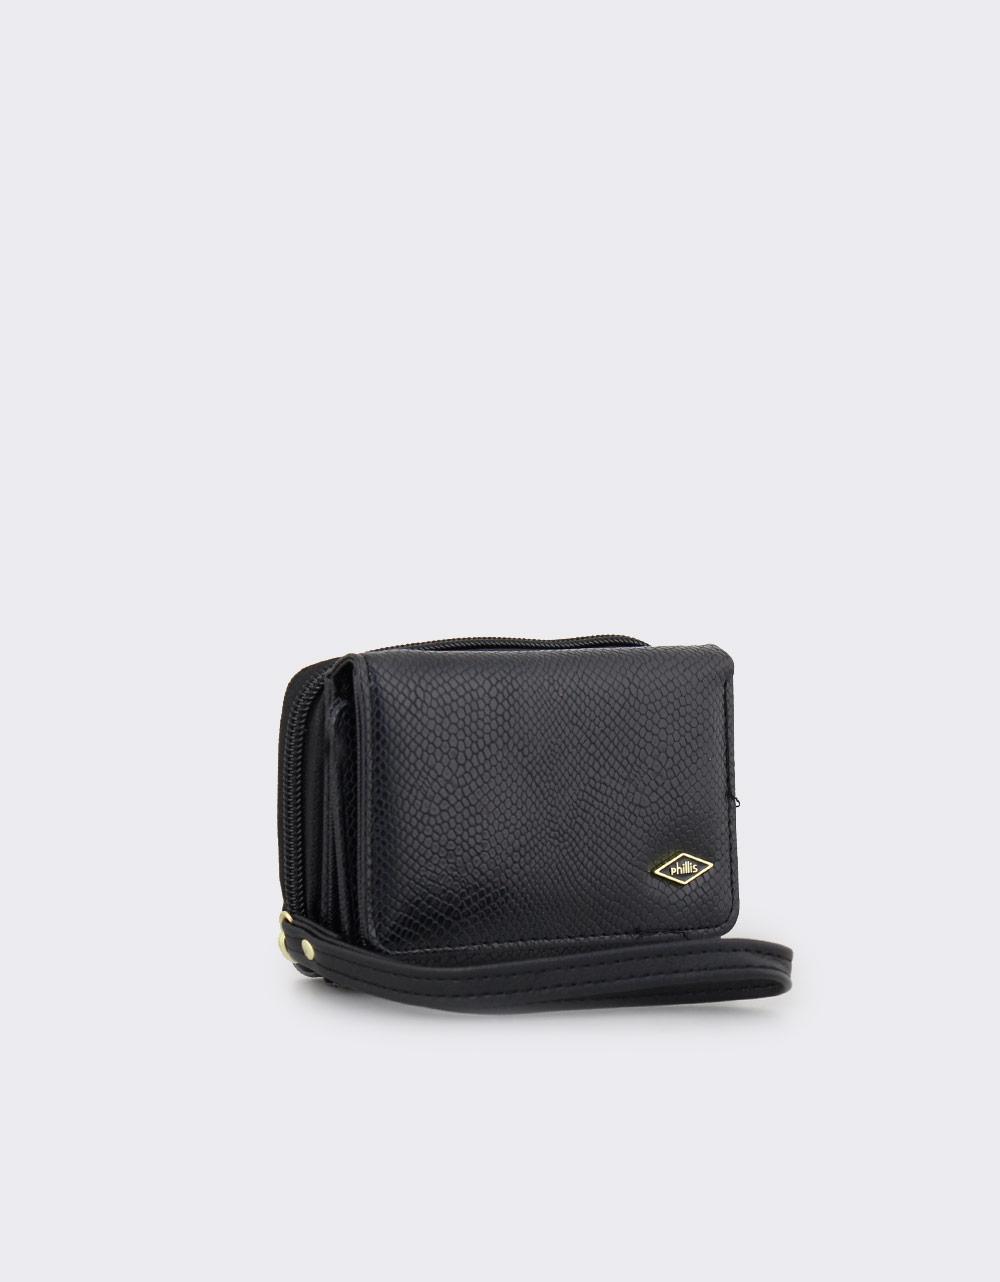 Εικόνα από Γυναικεία πορτοφόλια με snake μοτίβο Μαύρο